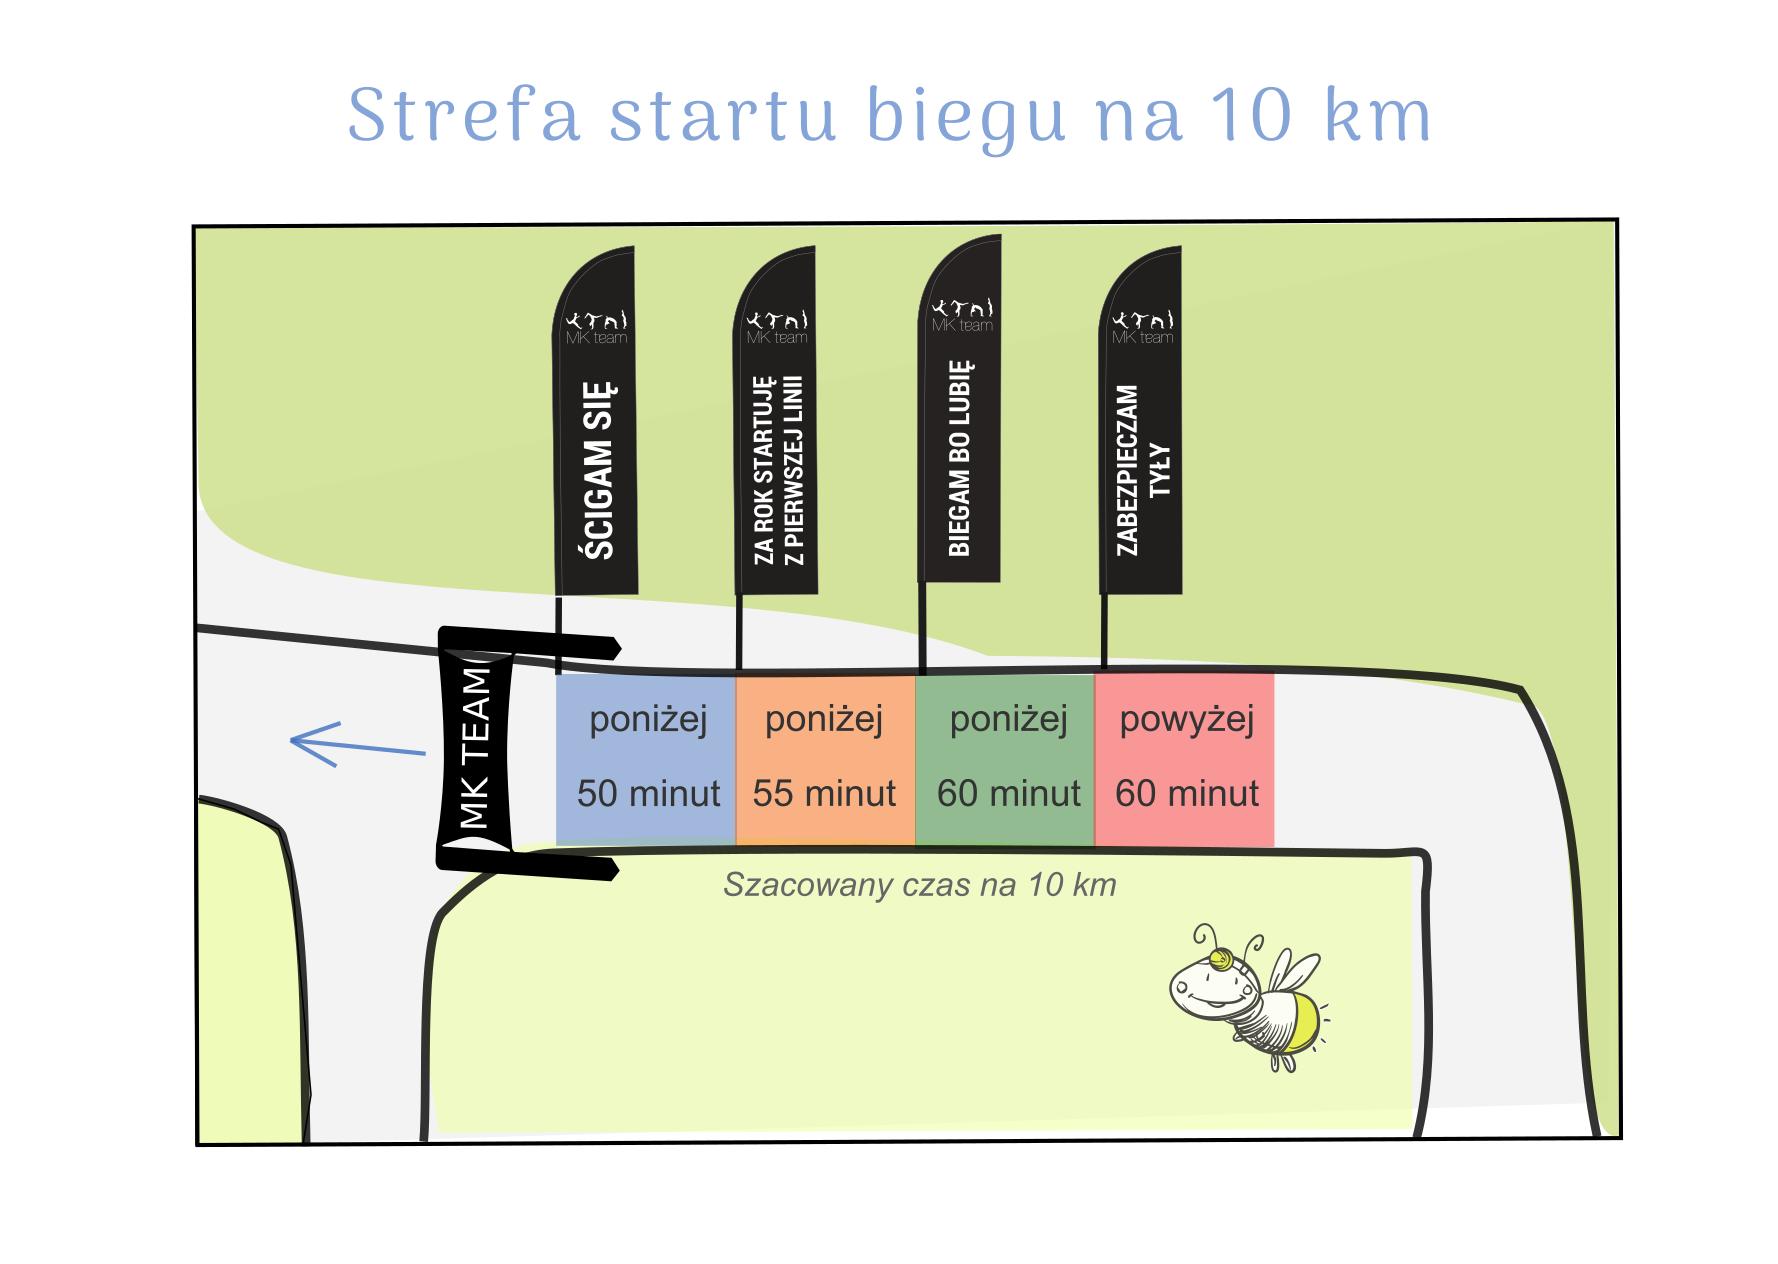 Strefy startowe - bieg 10 km